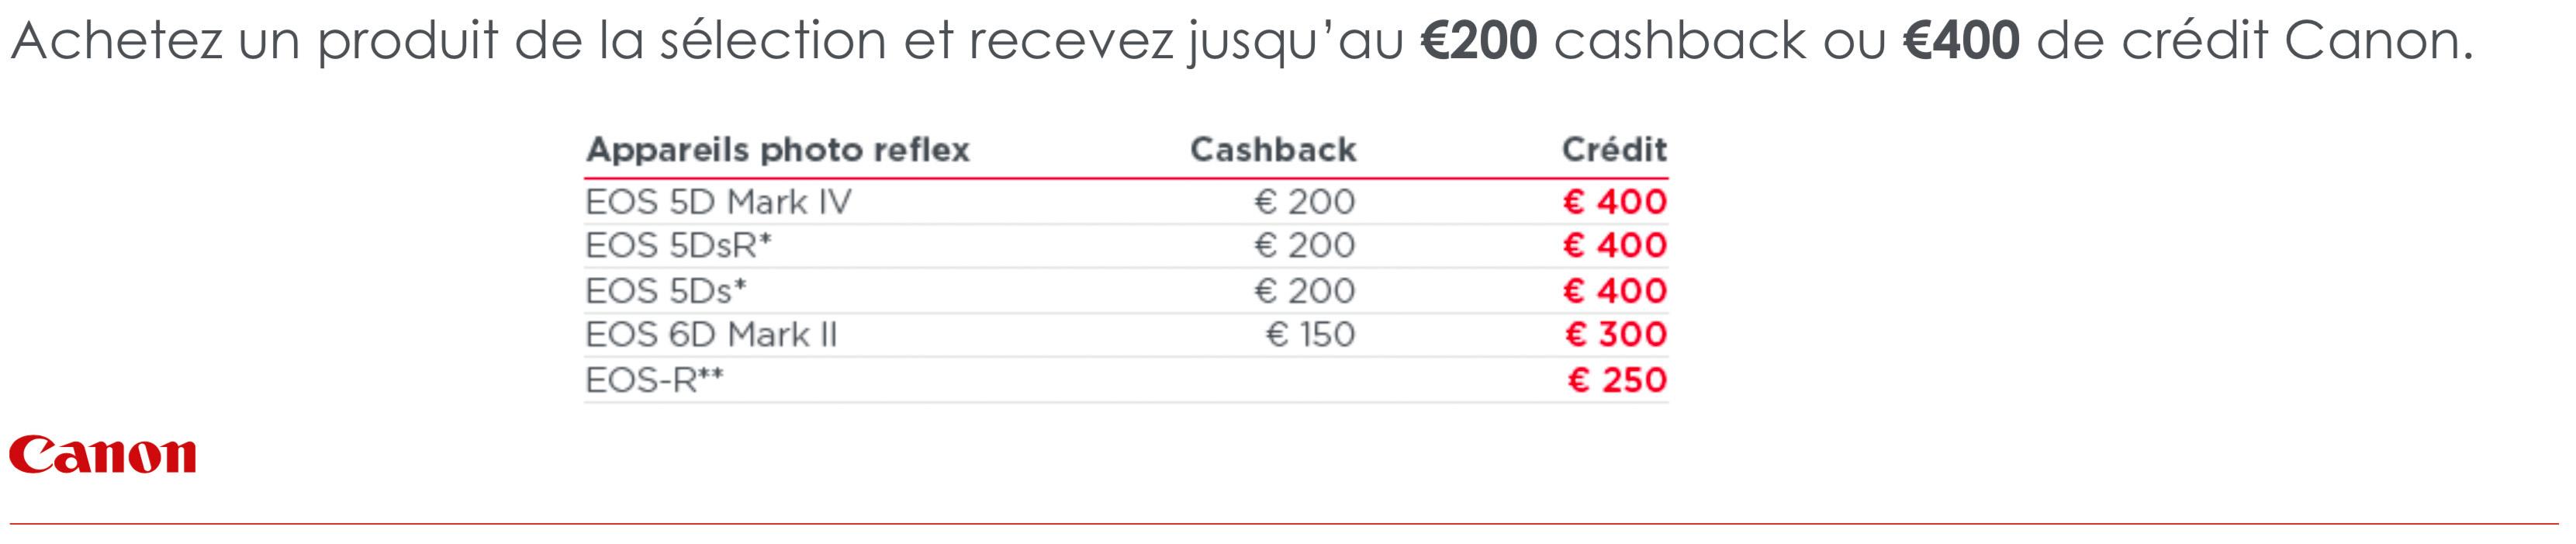 Crédit & Cashback Botiers Canon